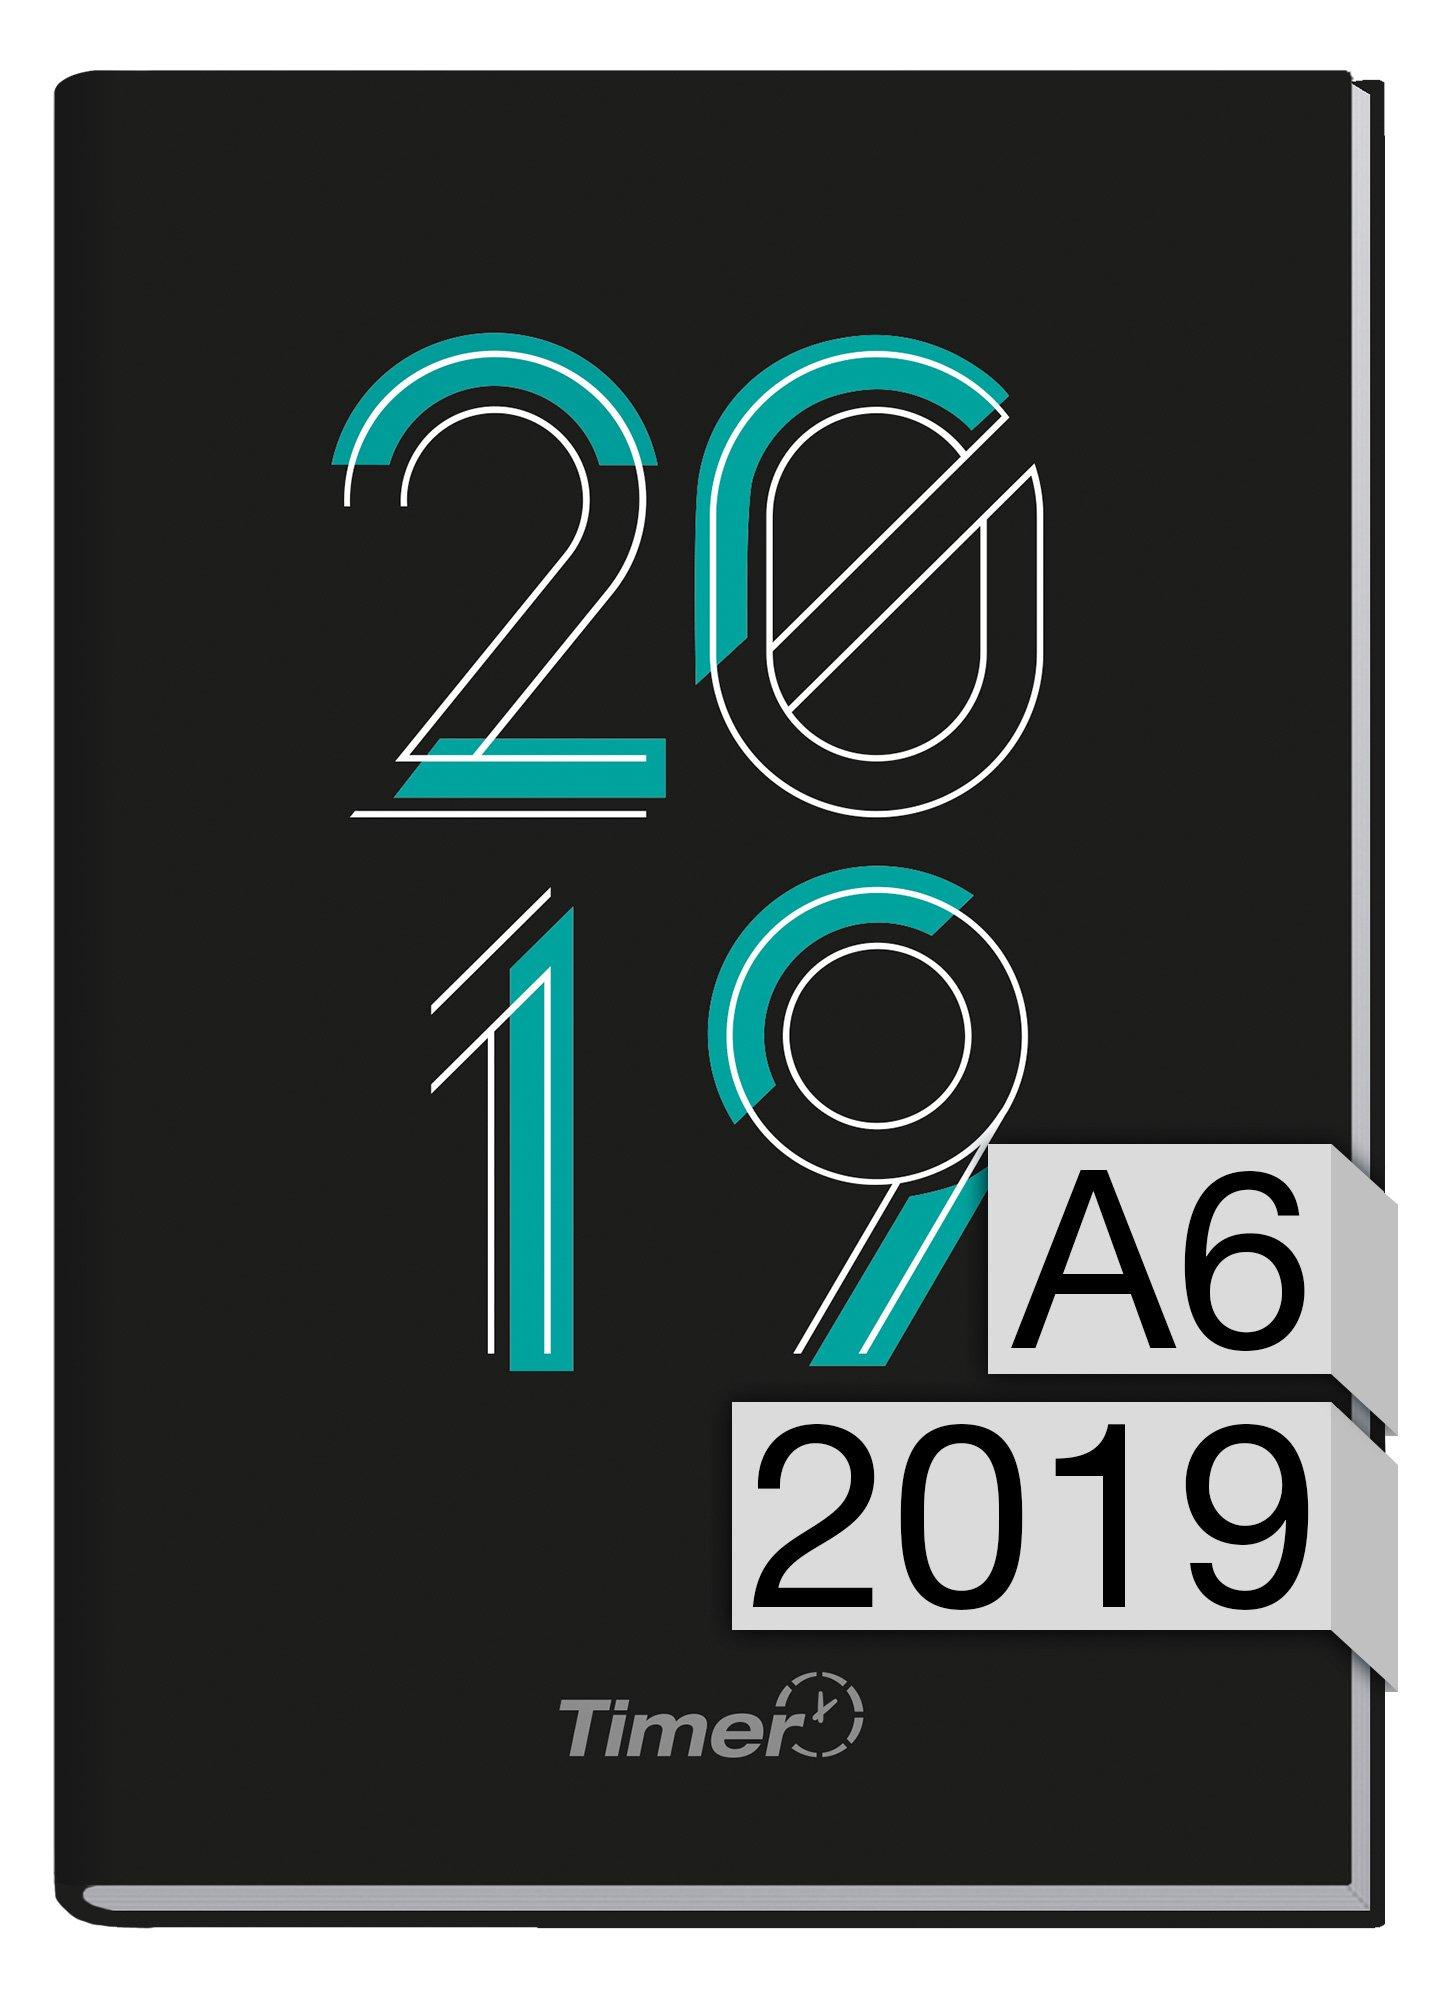 Chäff-Timer mini A6 Kalender 2019 [zweitausendneunzehn] 12 Monate Jan-Dez 2019 - Terminkalender mit Wochenplaner - Organizer - Wochenkalender